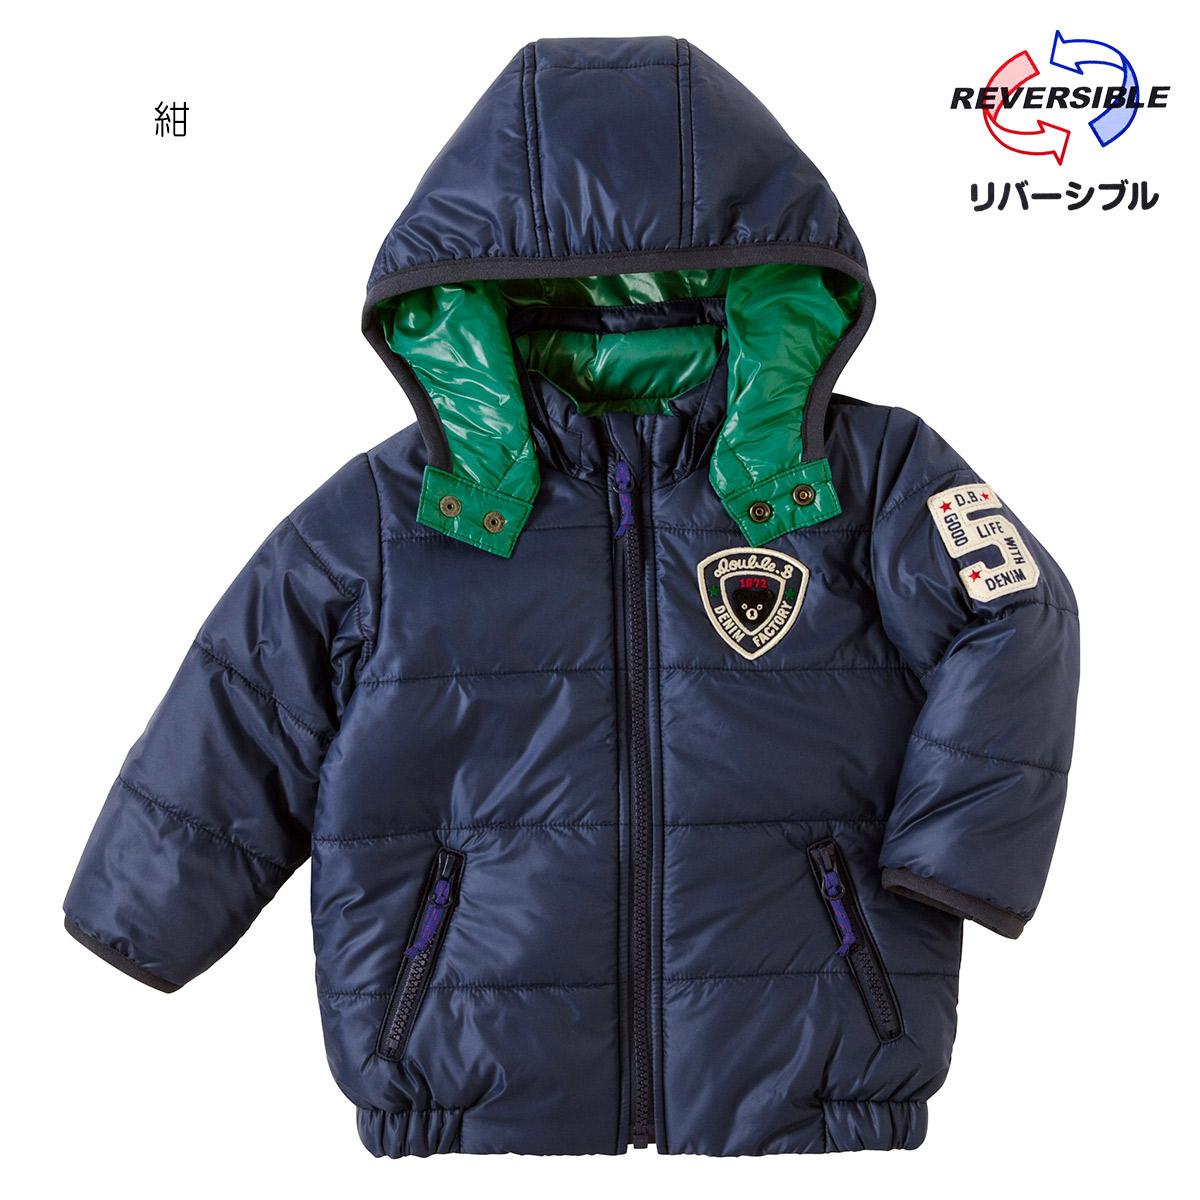 【アウトレット】ミキハウス ダブルビー mikihouse リバーシブルジャンパー(80cm・90cm) 男の子